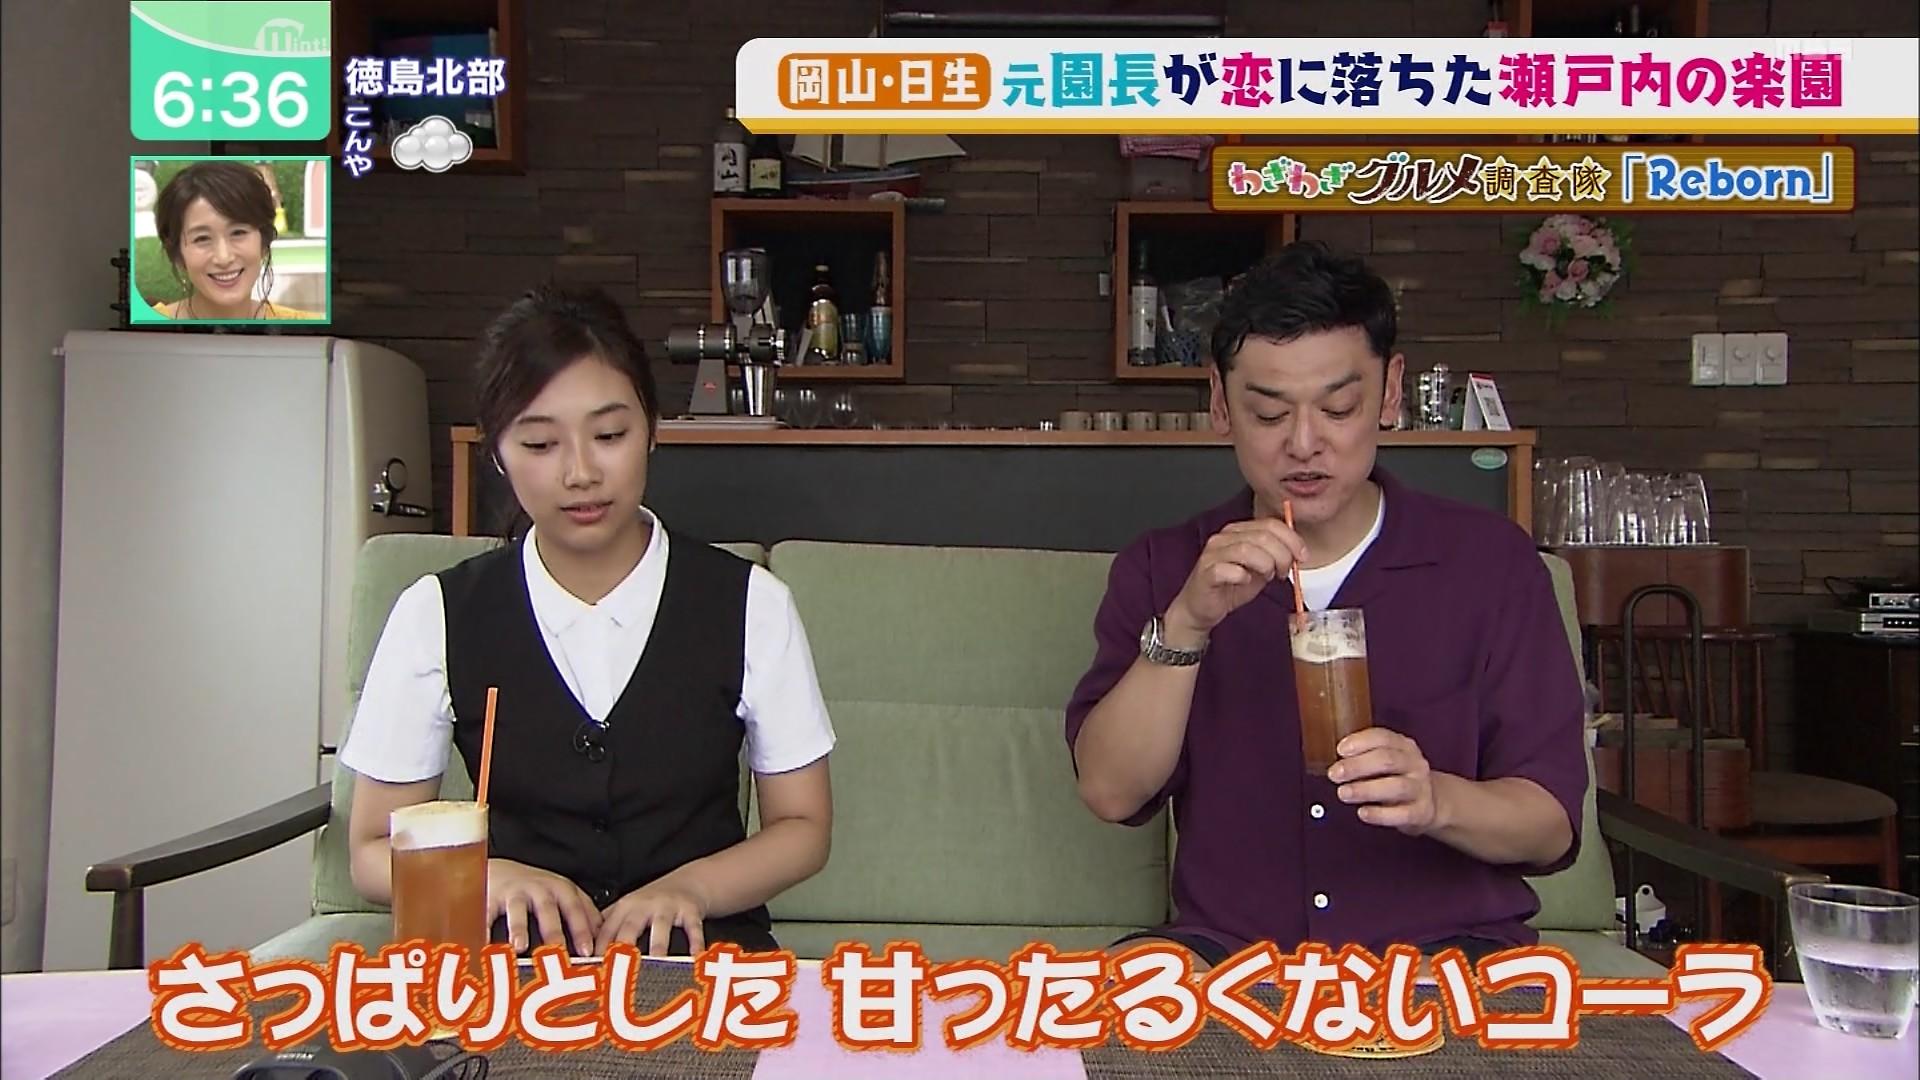 2019年9月4日のMBS「ミント!」出演・辻沙穗里さんの画像-026